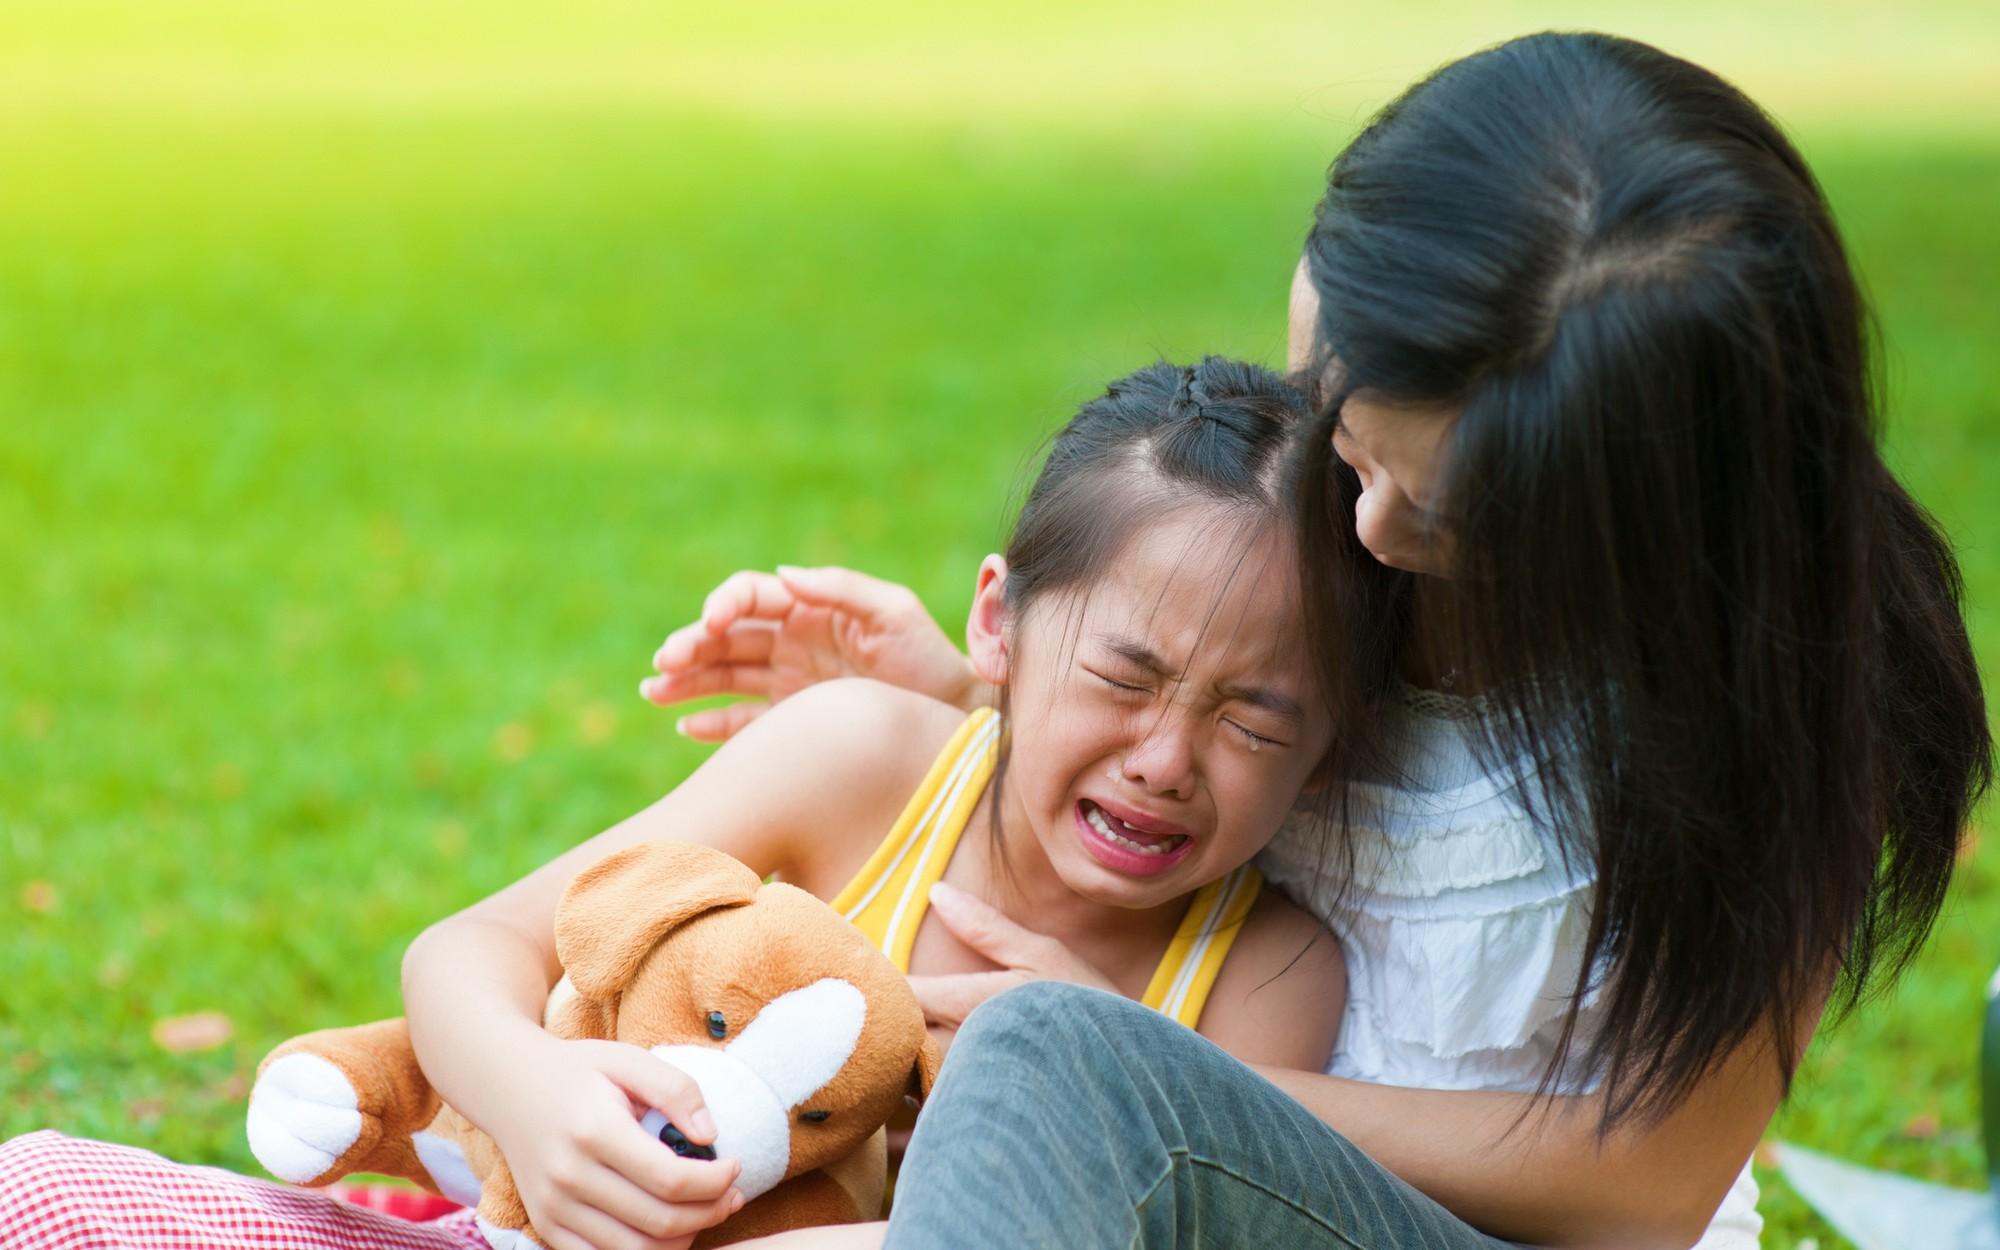 Cứ tưởng làm thế này là yêu con, nhưng thực ra cha mẹ đang hại con-1